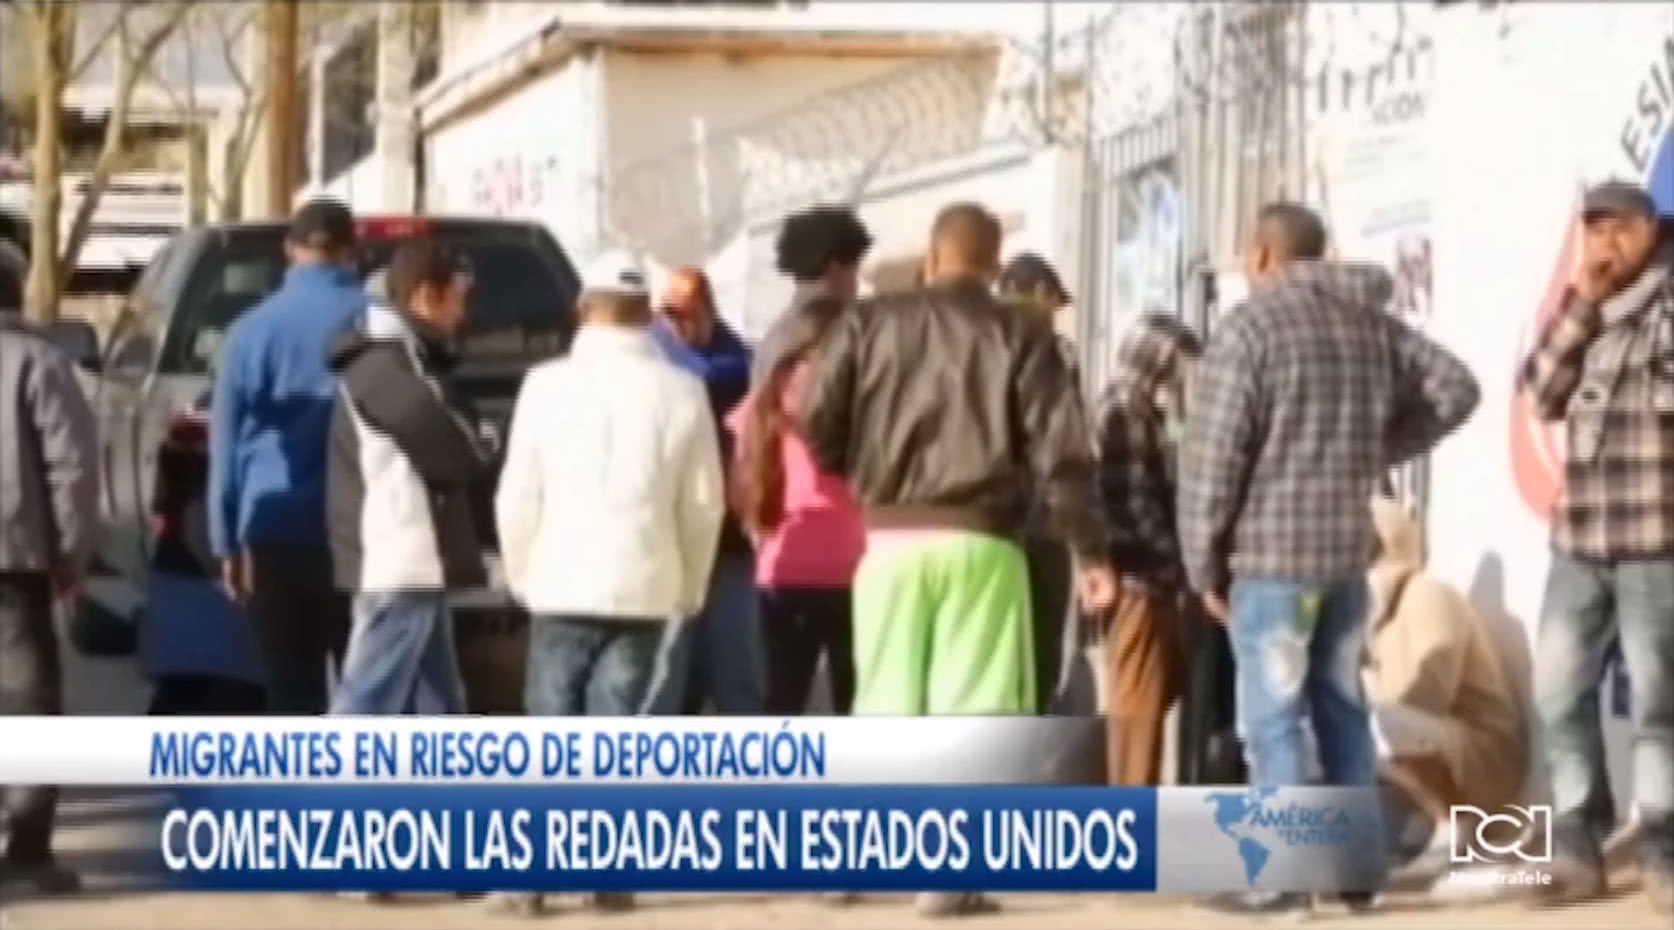 Mexicanos en riesgo de las redadas